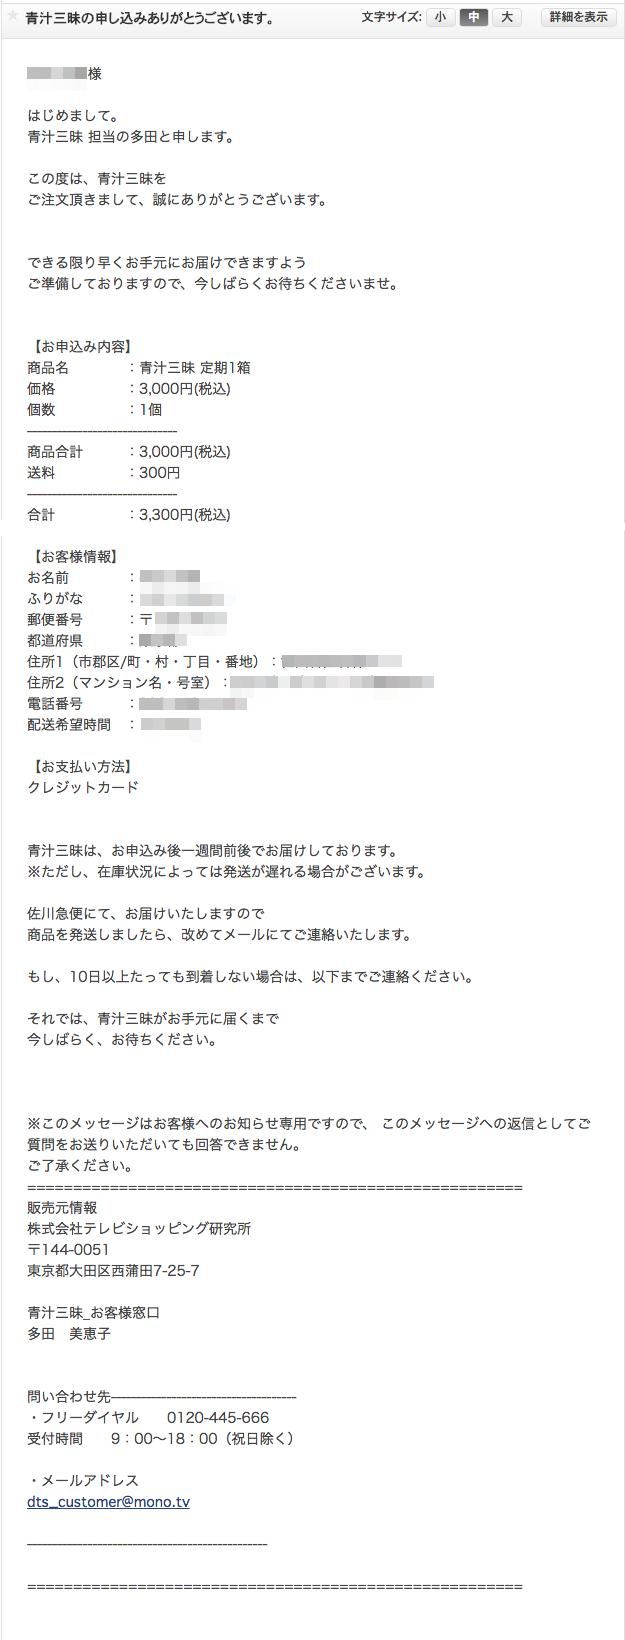 青汁三昧注文確定メール